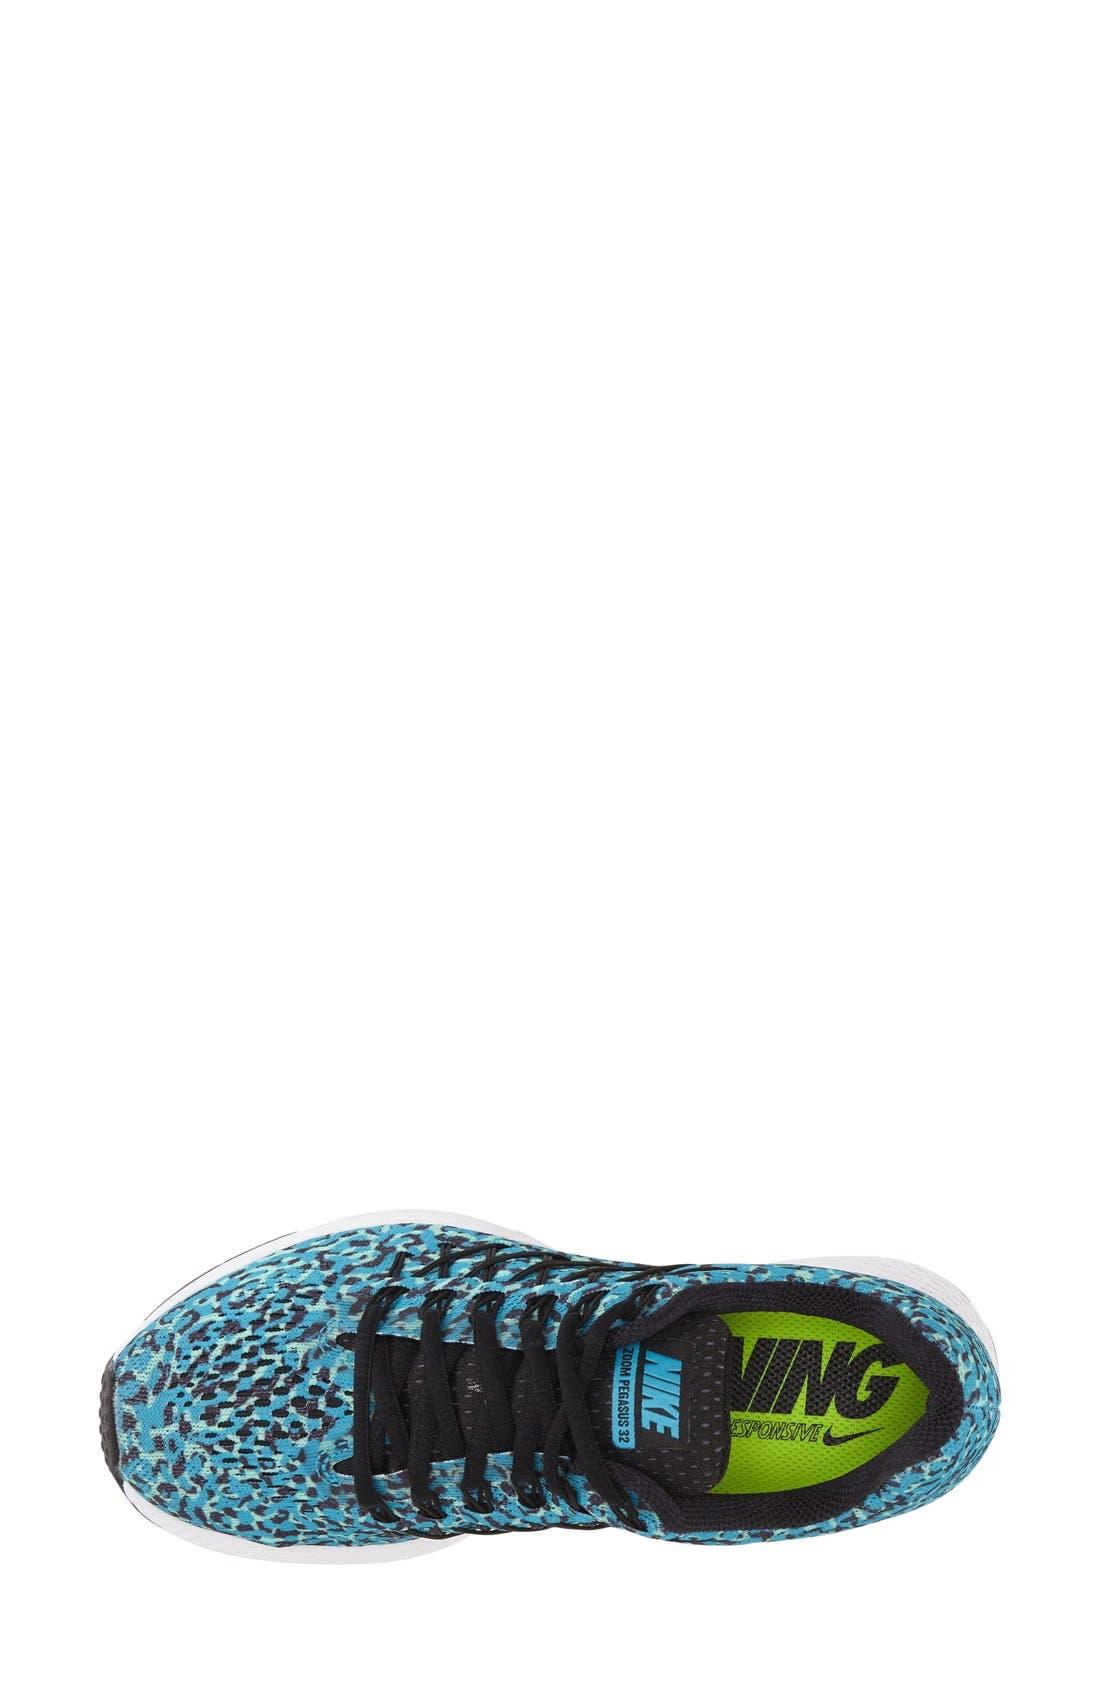 Alternate Image 3  - Nike 'Air Zoom Pegasus 32' Running Shoe (Women)